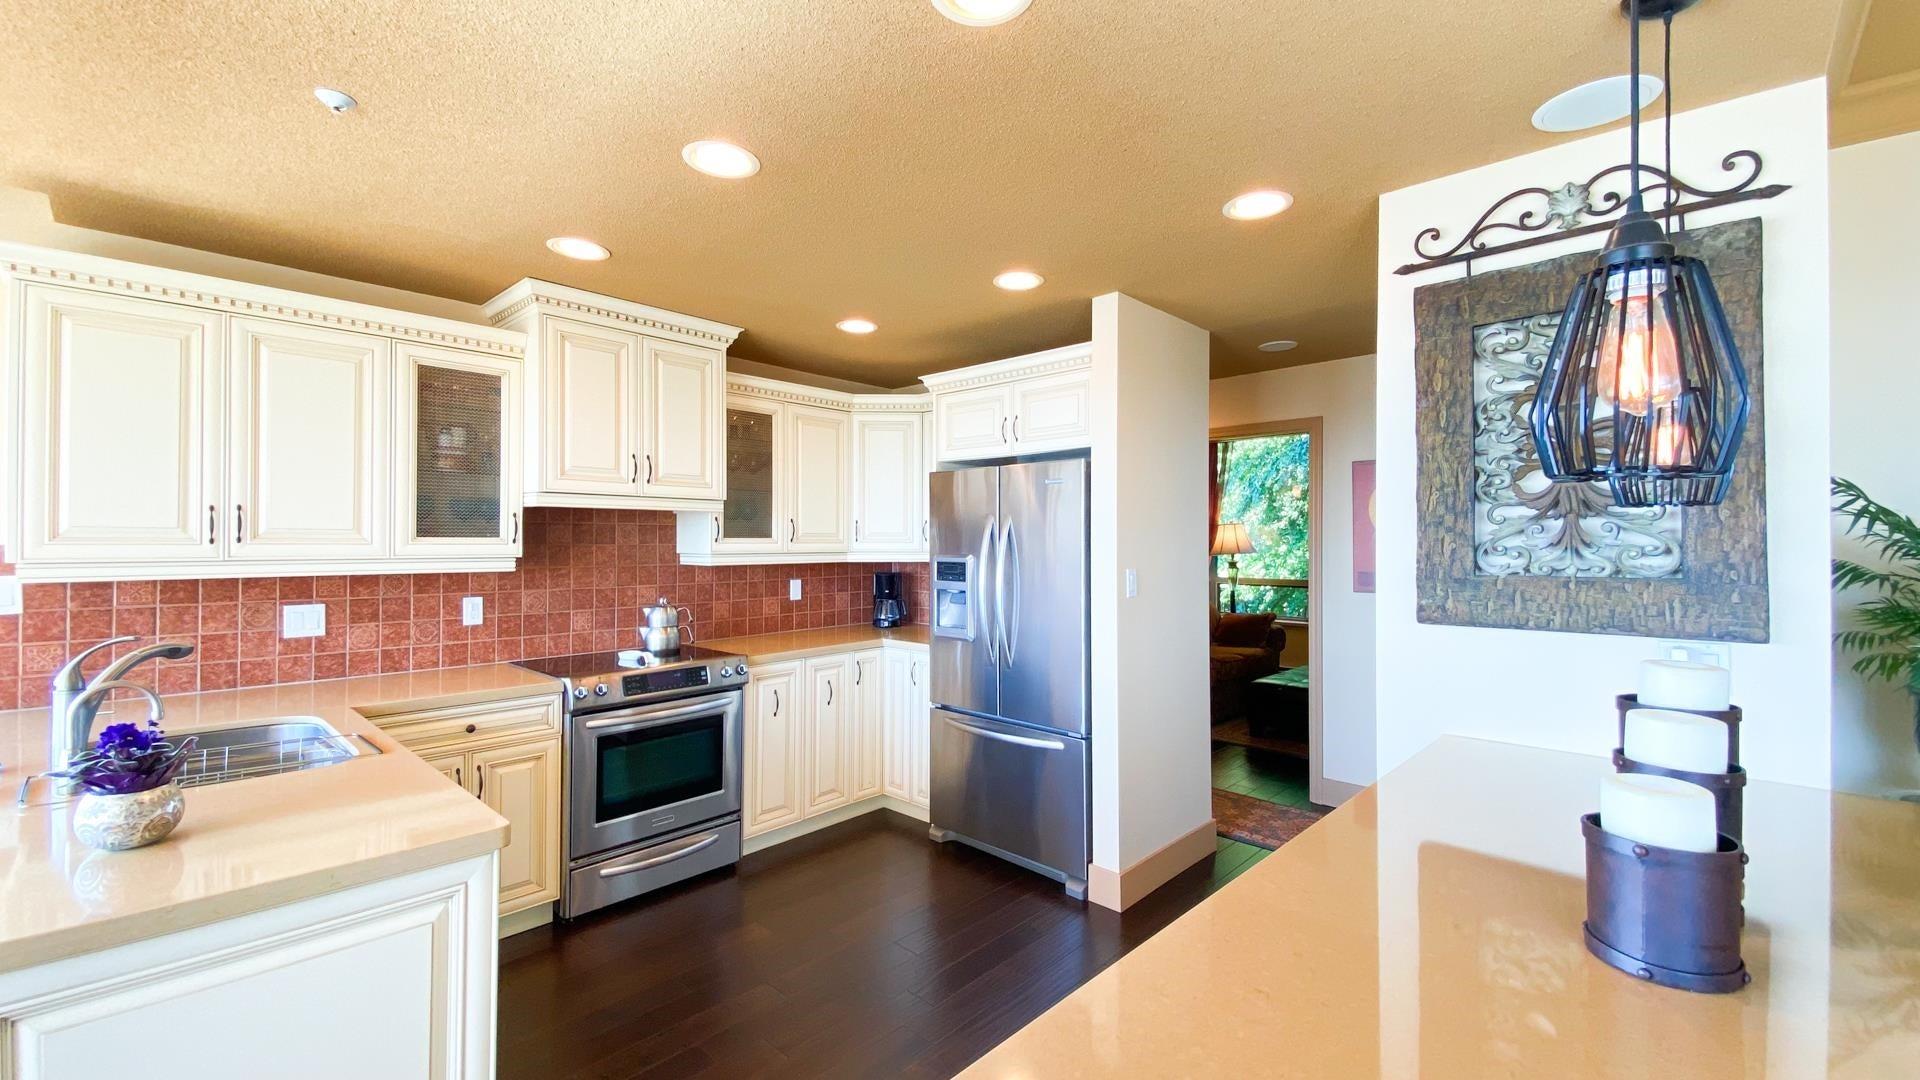 301 3131 DEER RIDGE DRIVE - Deer Ridge WV Apartment/Condo for sale, 2 Bedrooms (R2615692) - #10